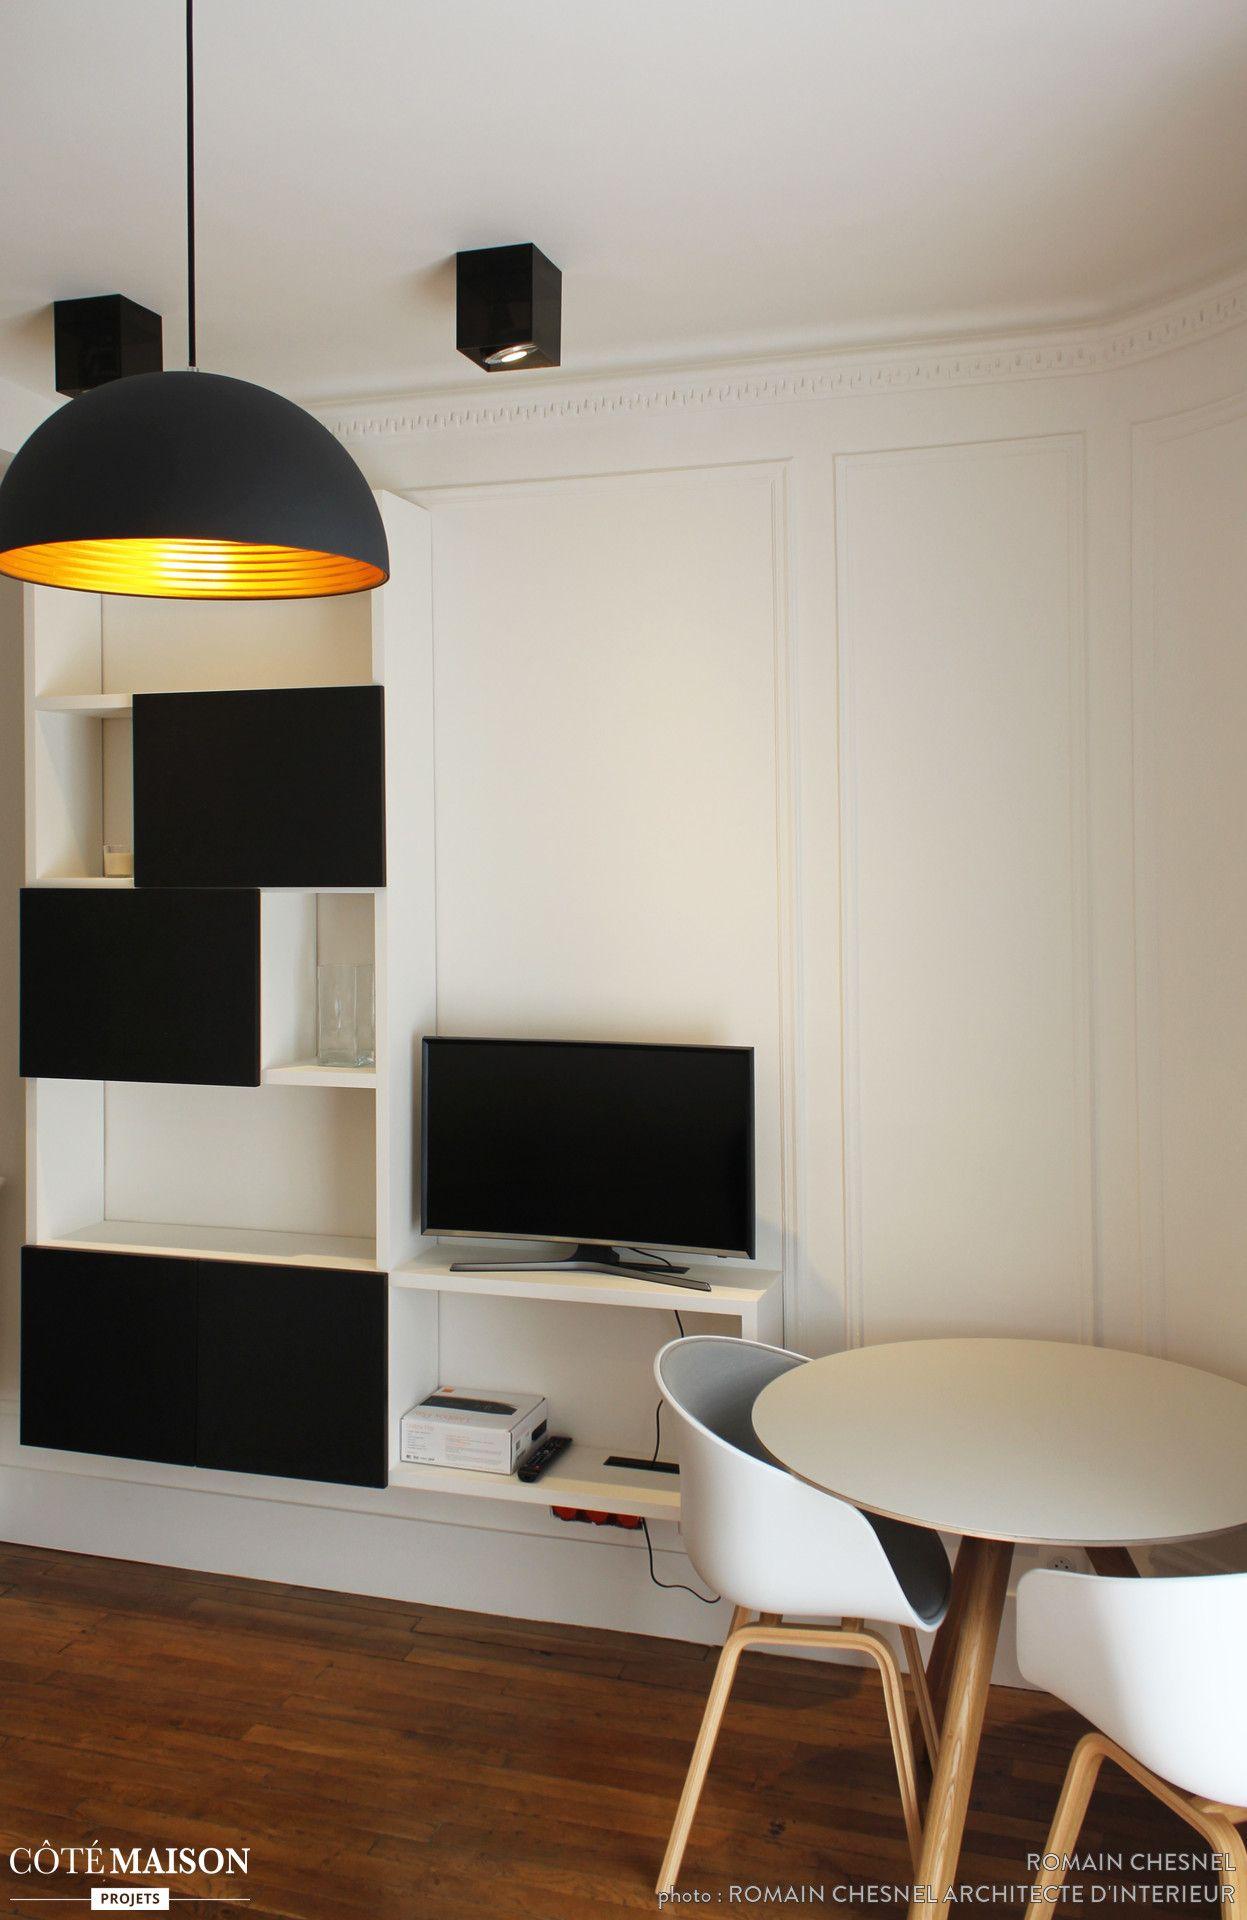 design scandinave et couleurs neutres | studio & petit appartement ... - Boutique Design Scandinave Meubles